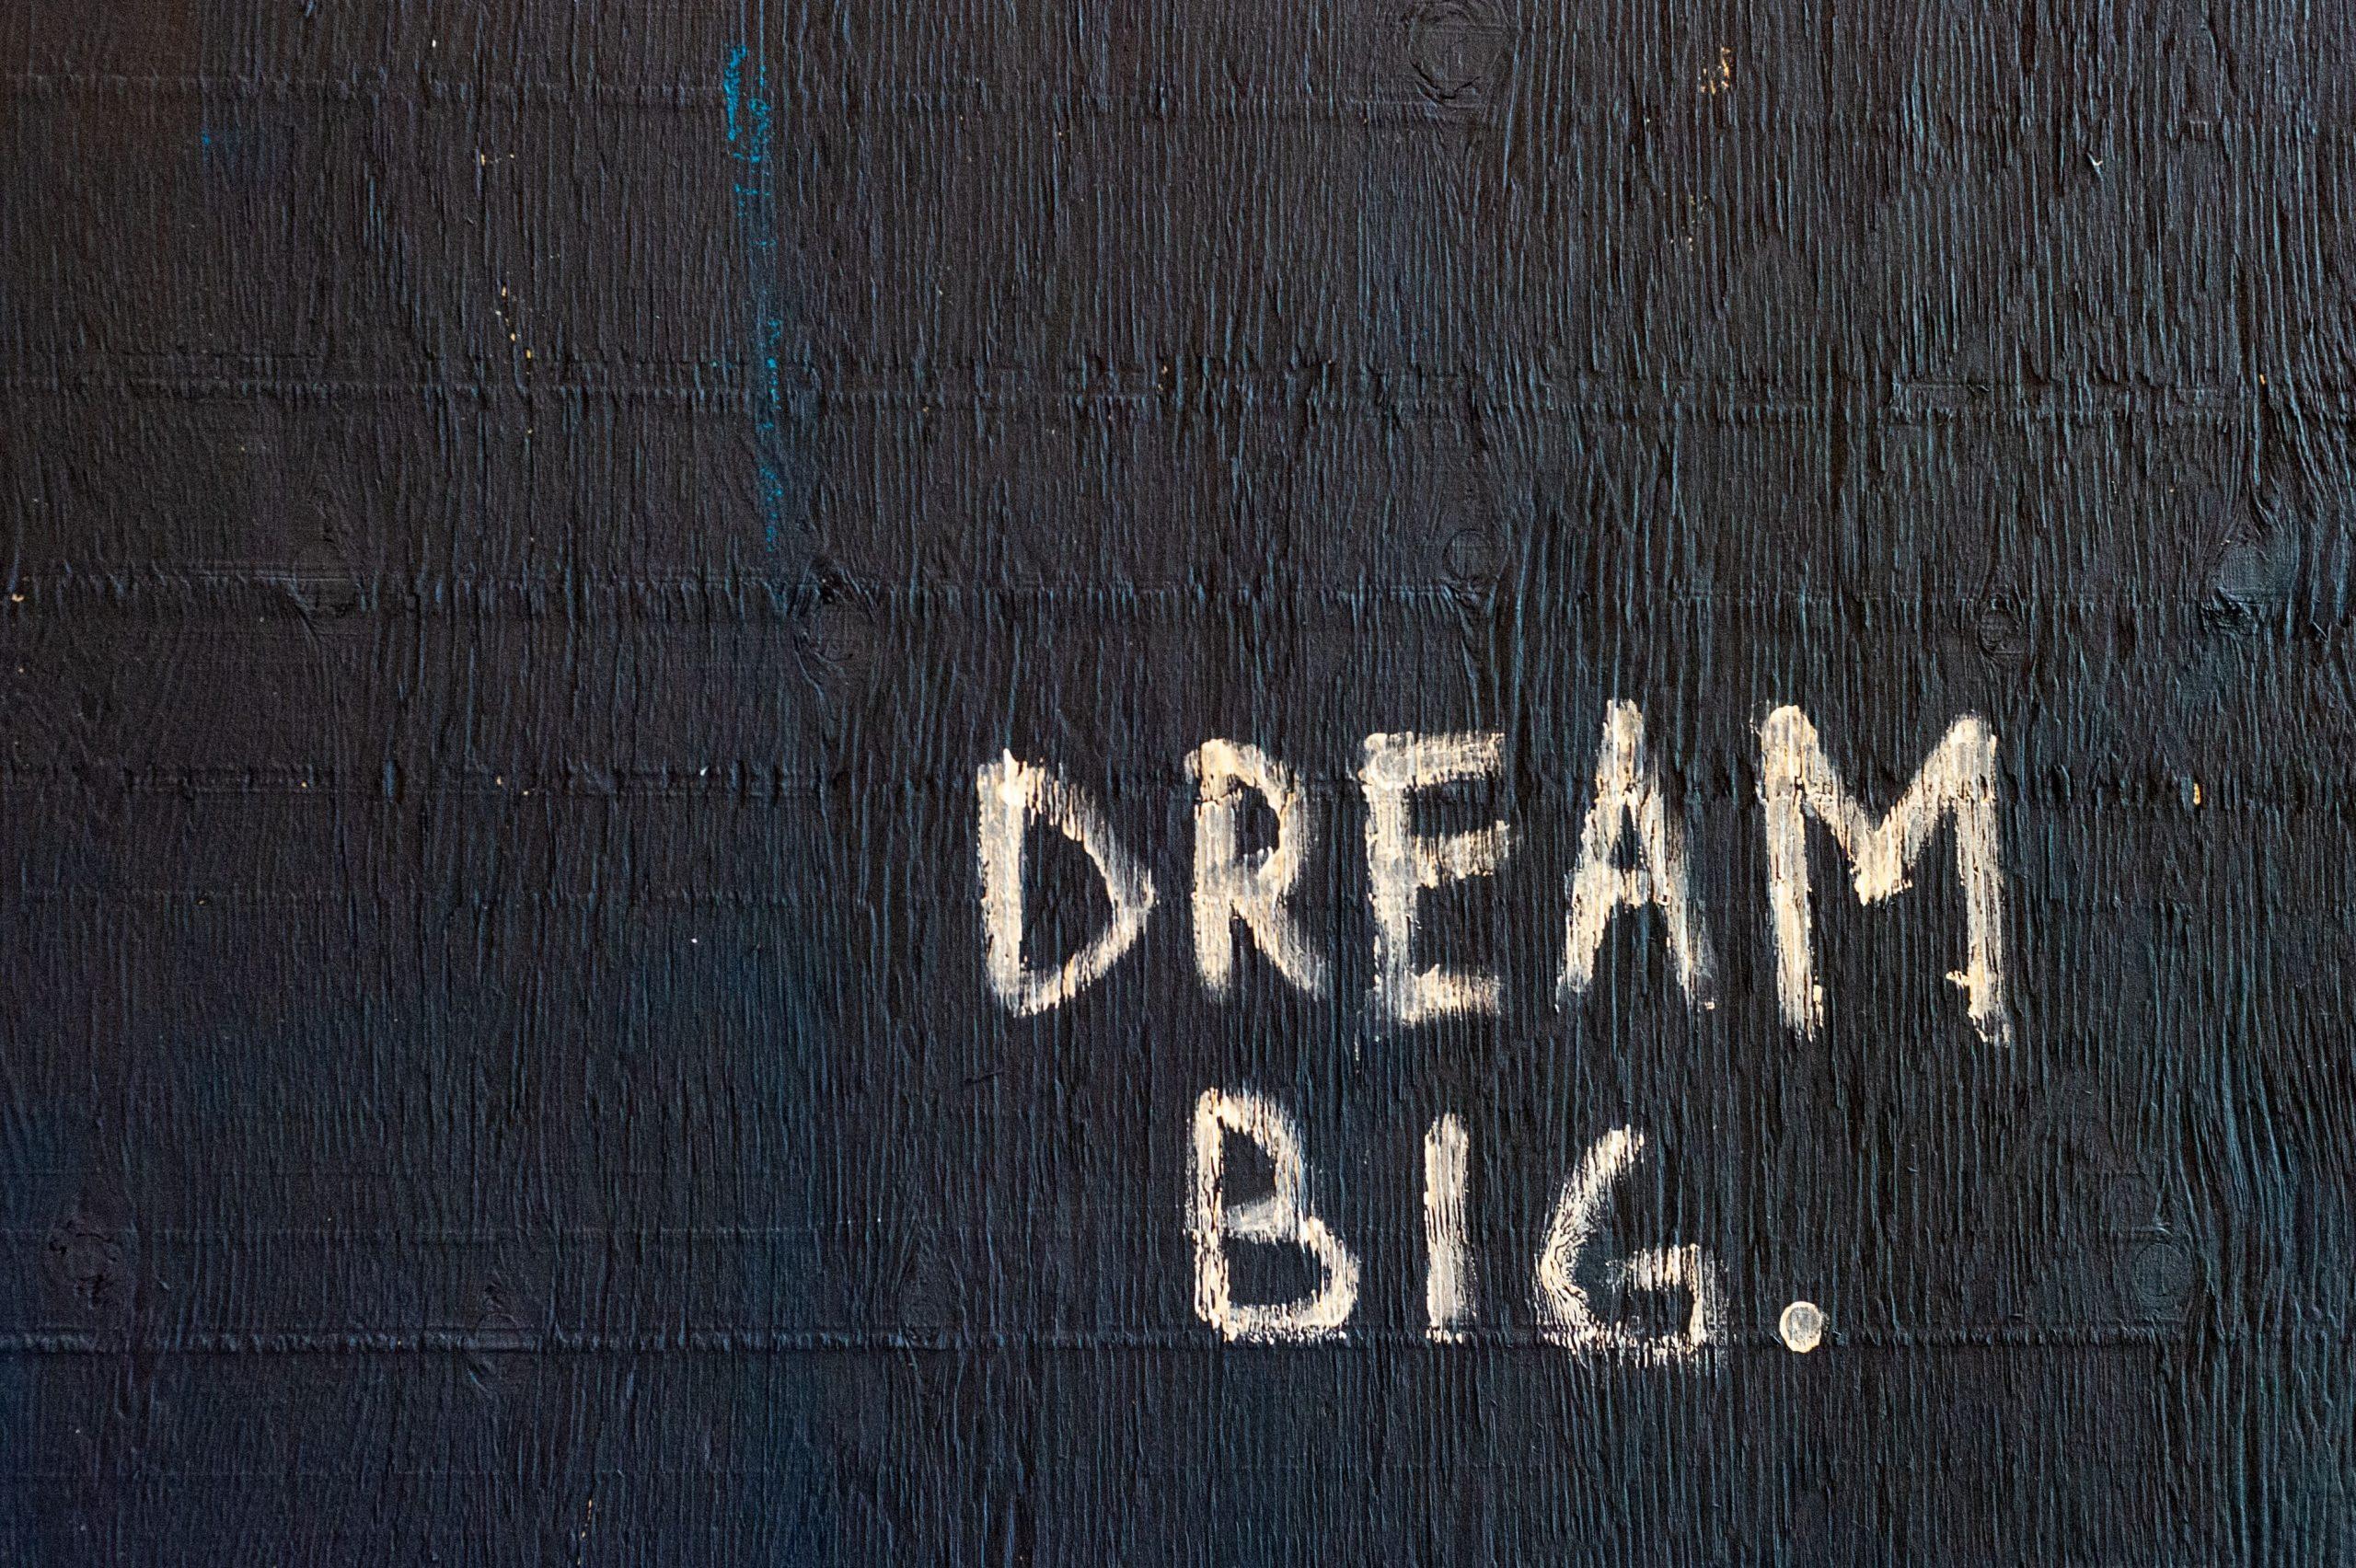 viedereve 1 scaled - Comment utiliser la loi d'attraction pour créer la vie de tes rêves ?